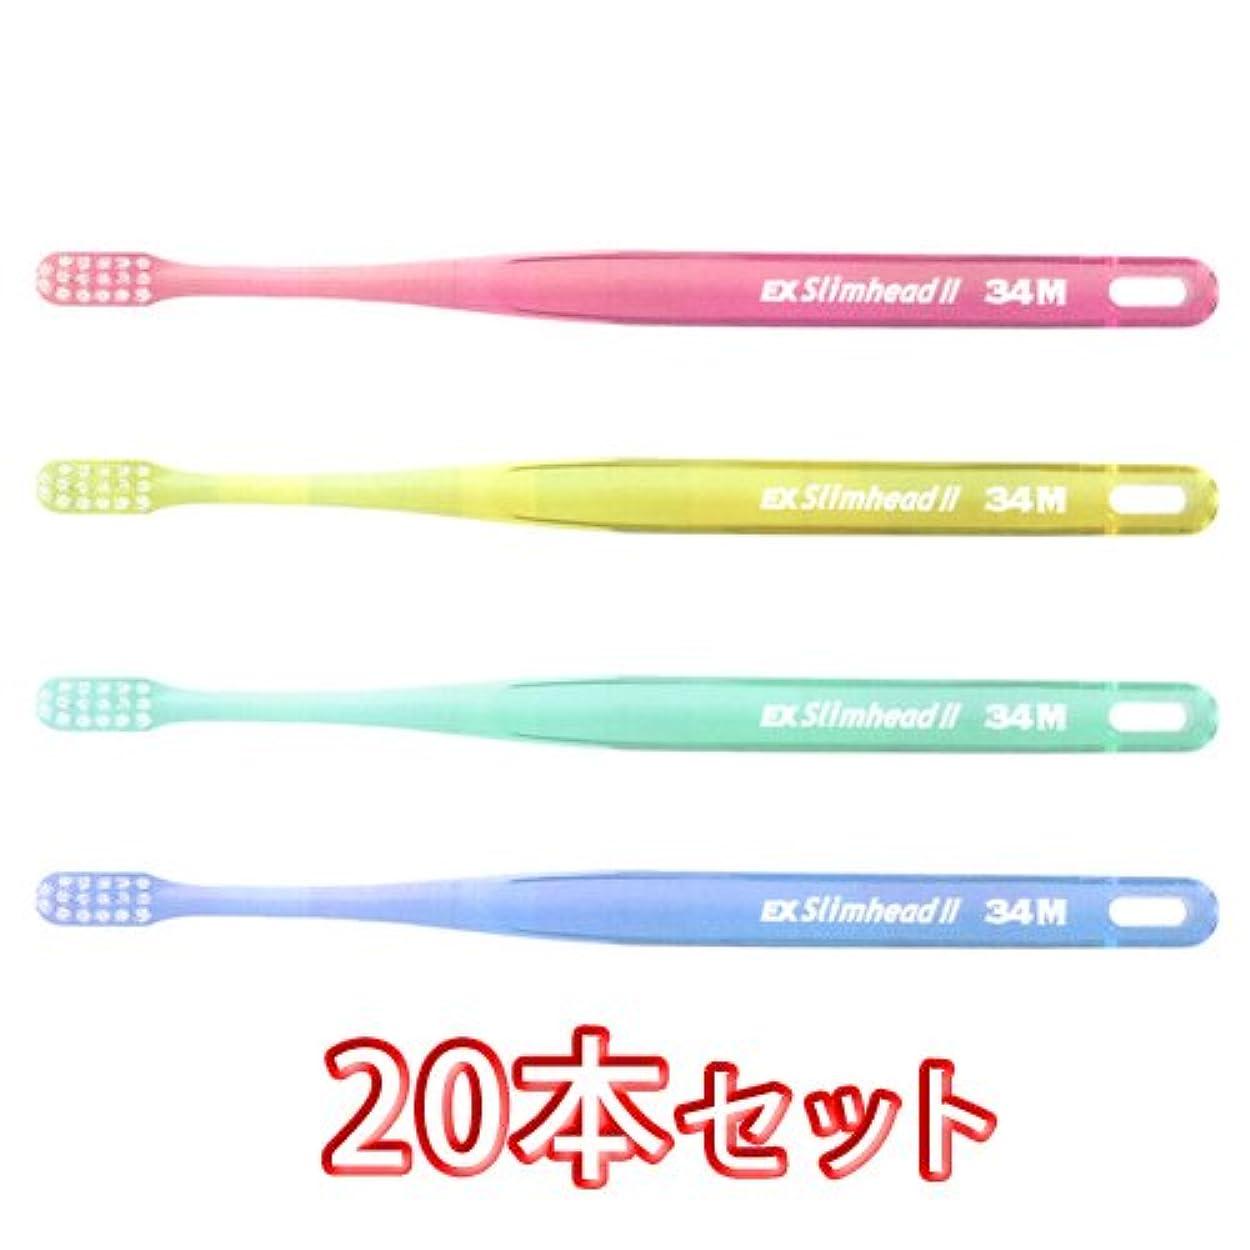 スリップ慎重に対処するライオン スリムヘッド2 歯ブラシ DENT . EX Slimhead2 20本入 (34M)